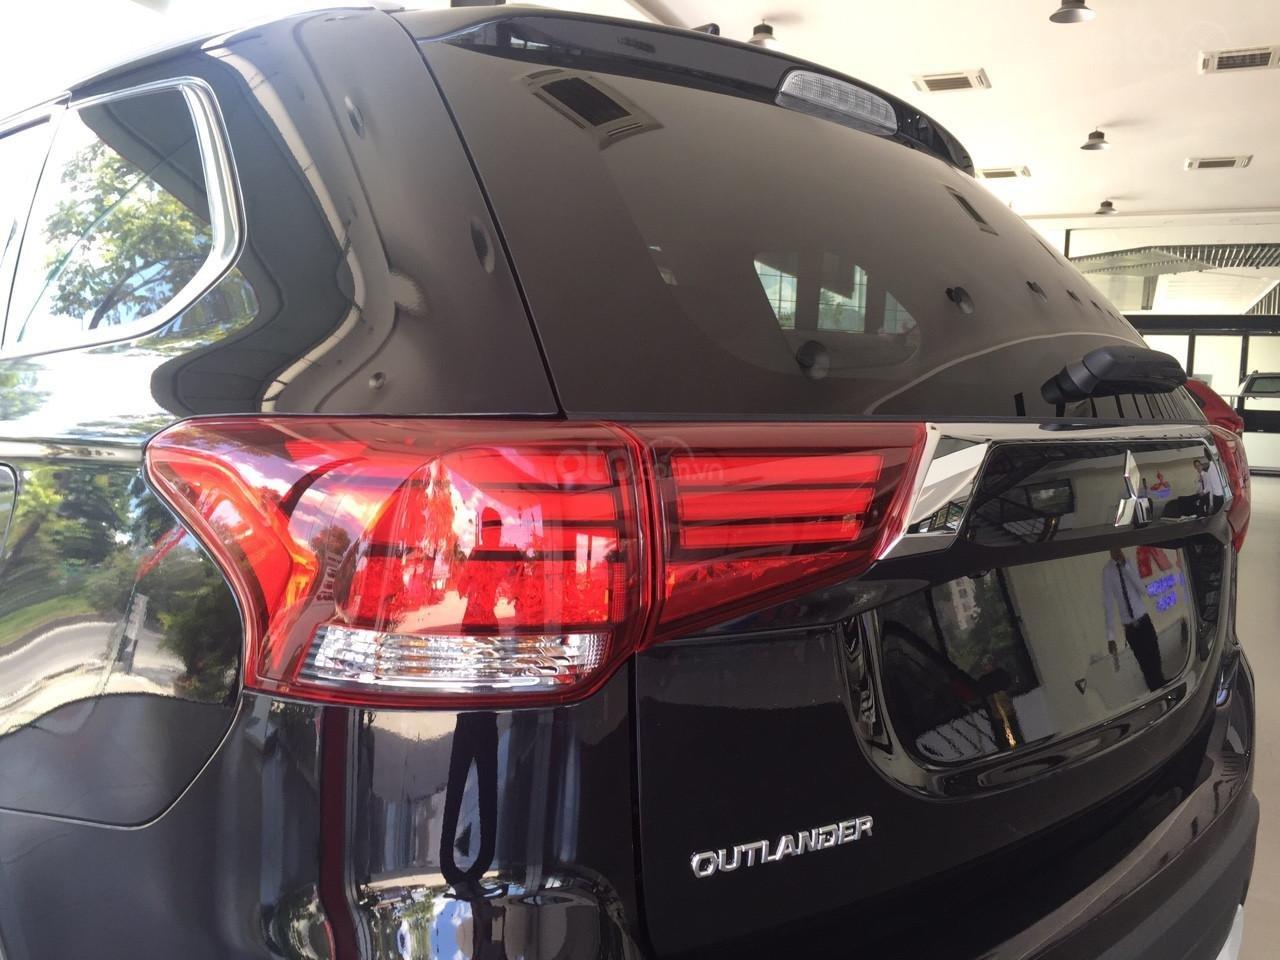 Mitsubishi Outlander 2.0 Pre, km siêu hấp dẫn, liên hệ ngay để được tư vấn (5)